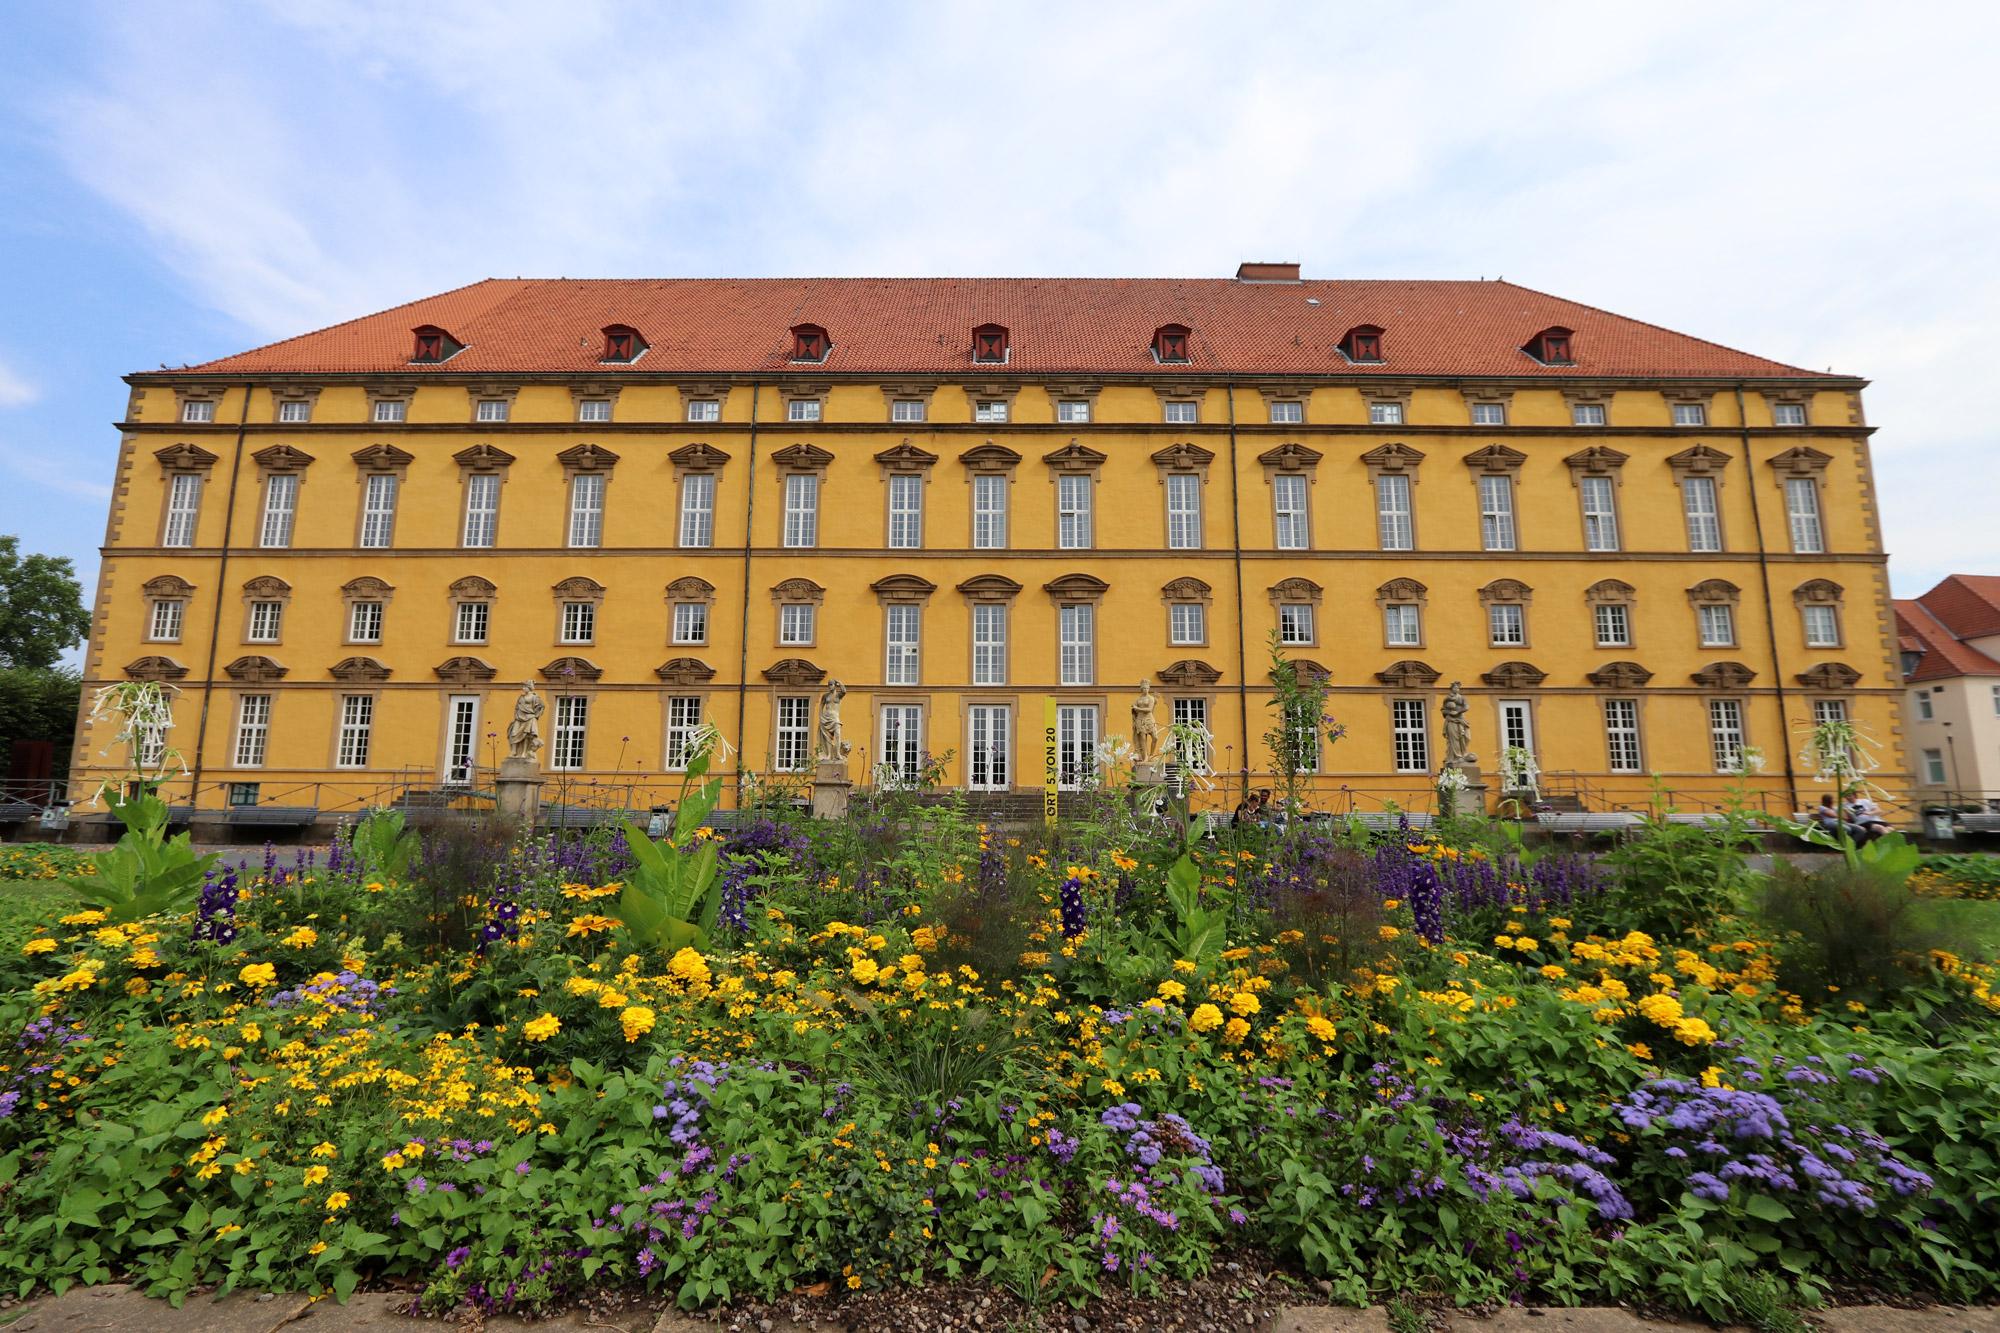 Stedentrip Osnabrück - Schloss Osnabrück